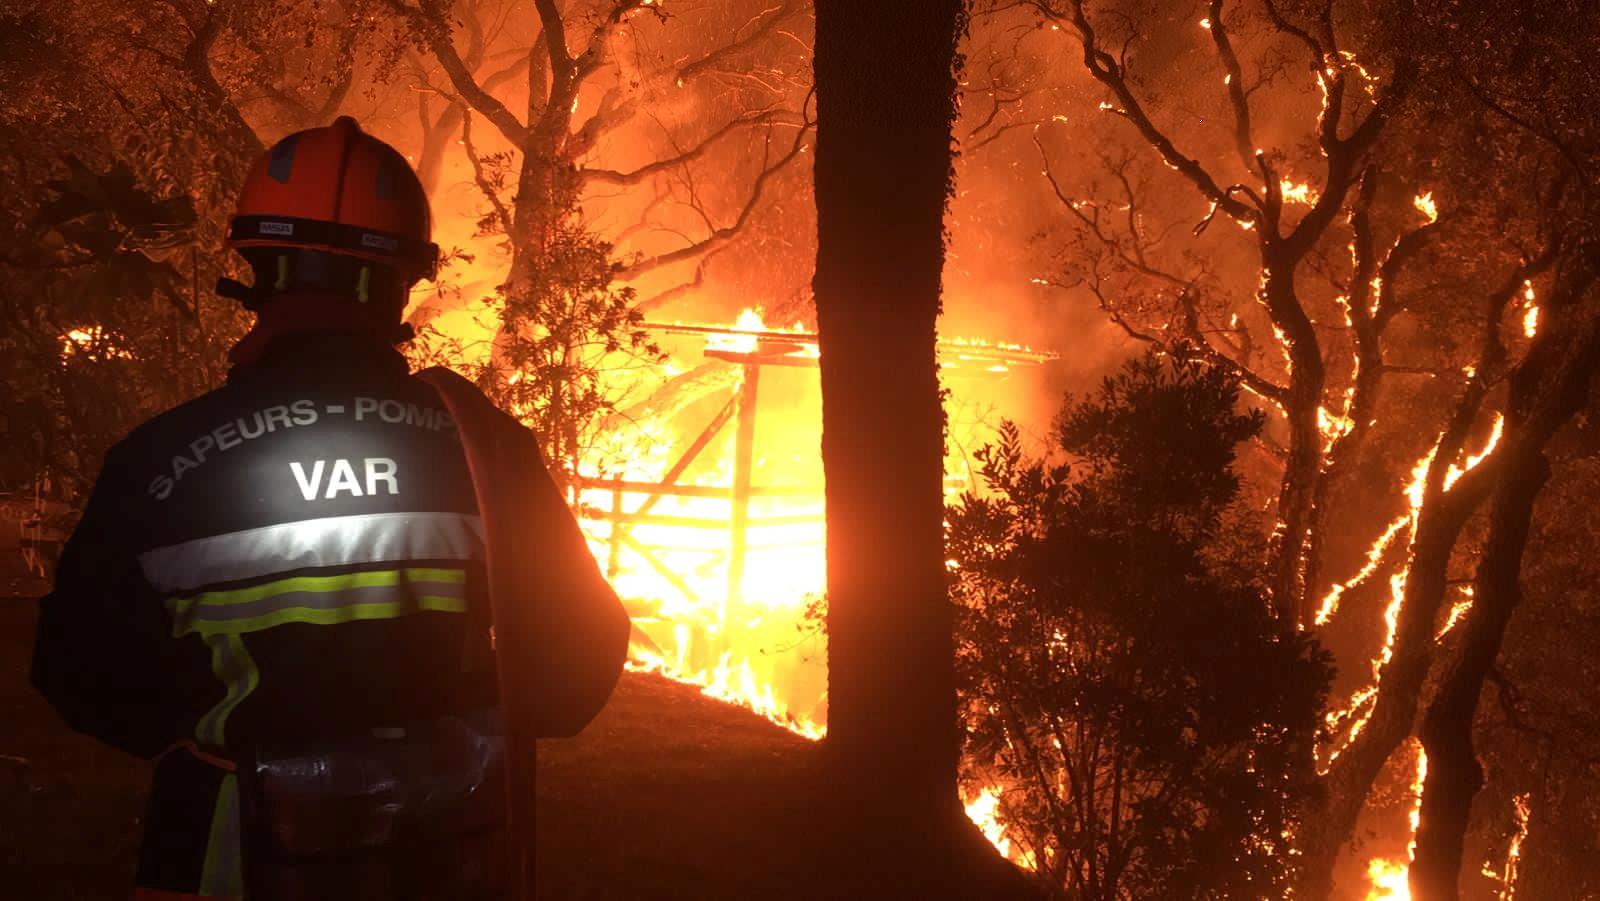 Φωτιά στην Γαλλία: Ολονύχτια μάχη με τις φλόγες στο Σεν Τροπέ – Στο σημείο ο Εμανουέλ Μακρόν